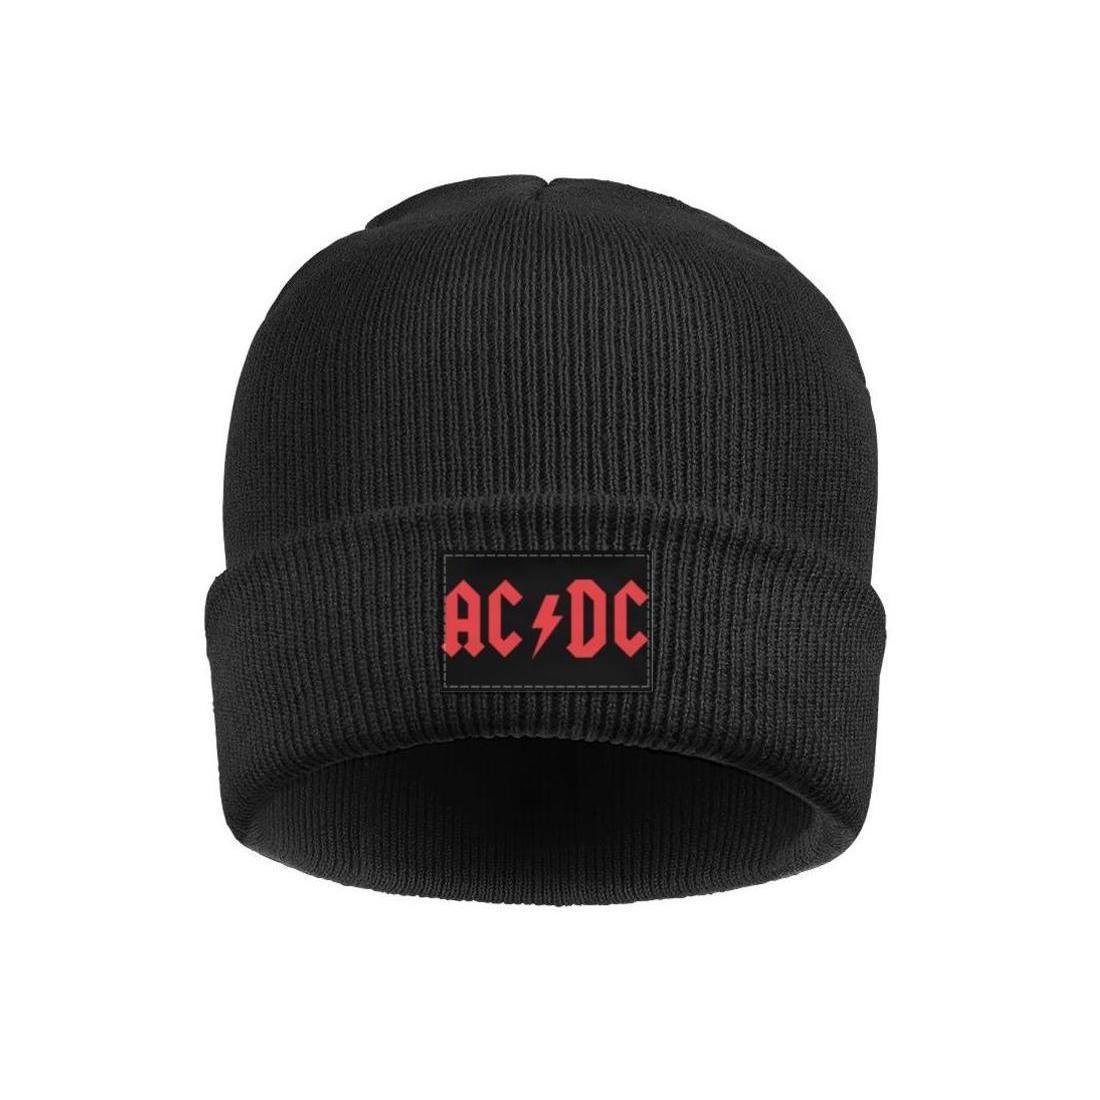 Mode AC-DC-Winter-Ski-Hüte Vintage ACDC ac dc vom Blitz getroffen einfaches Logo kühle australische Hardrock-Band AC-Alben-DC-Band-Est